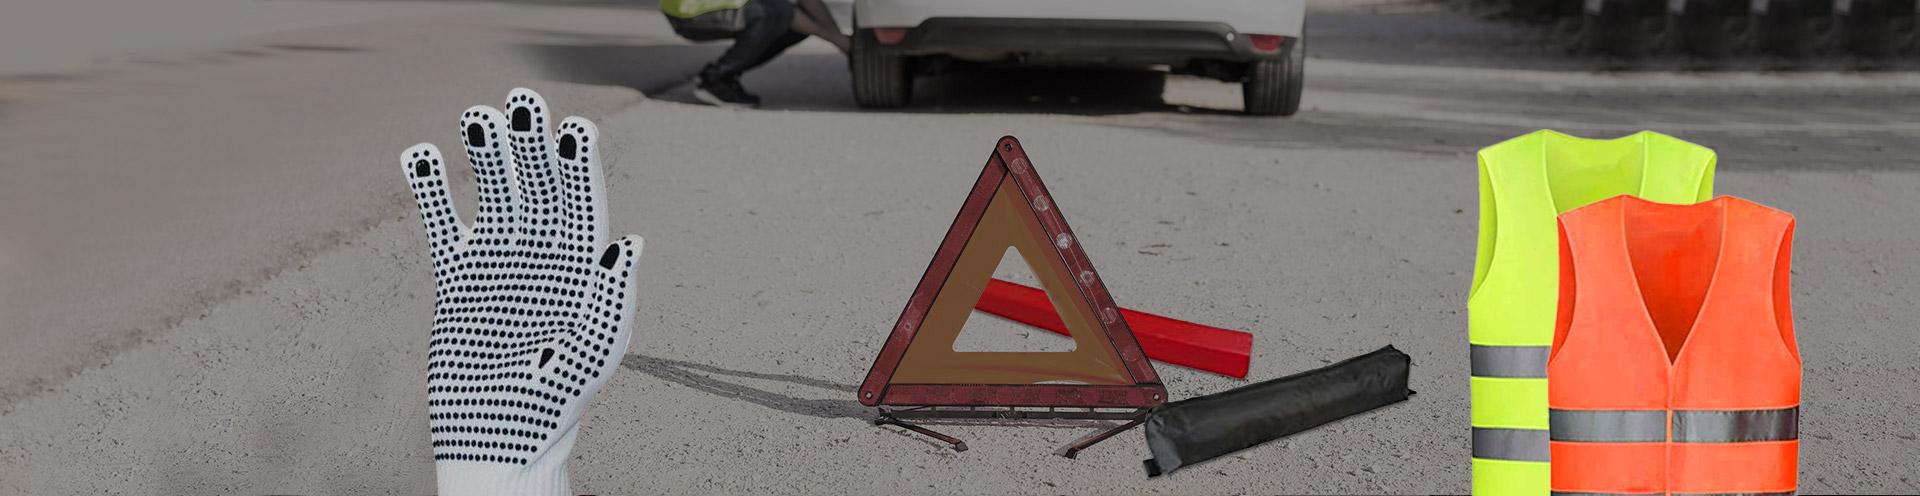 Articoli di emergenza Stradale